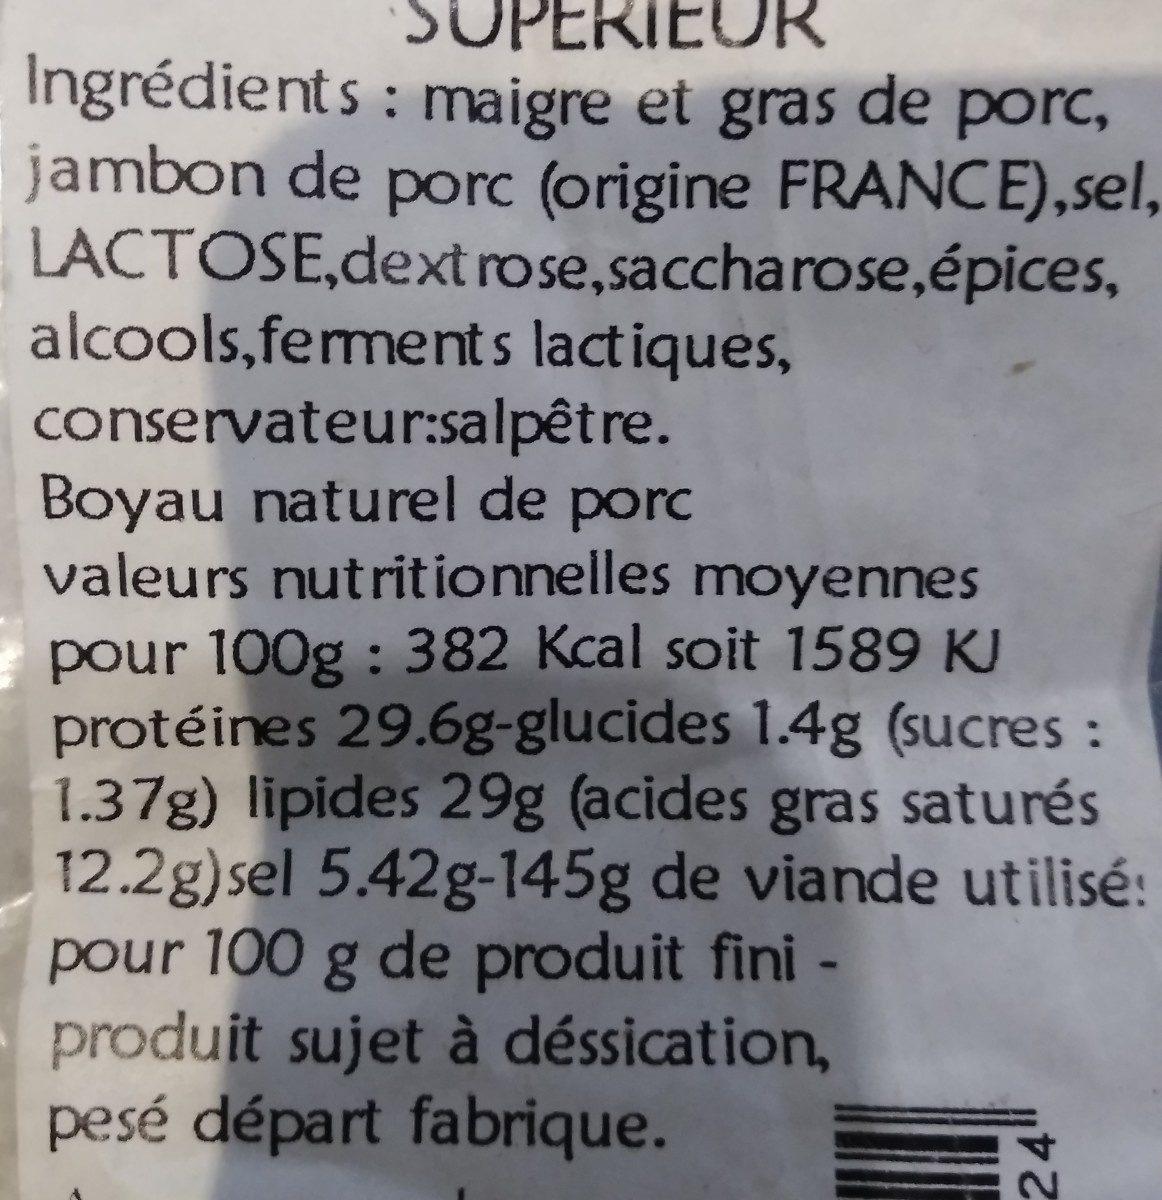 Saucisson pur porc superieur LOUIS AUVERGNE 300 g - Ingredients - fr